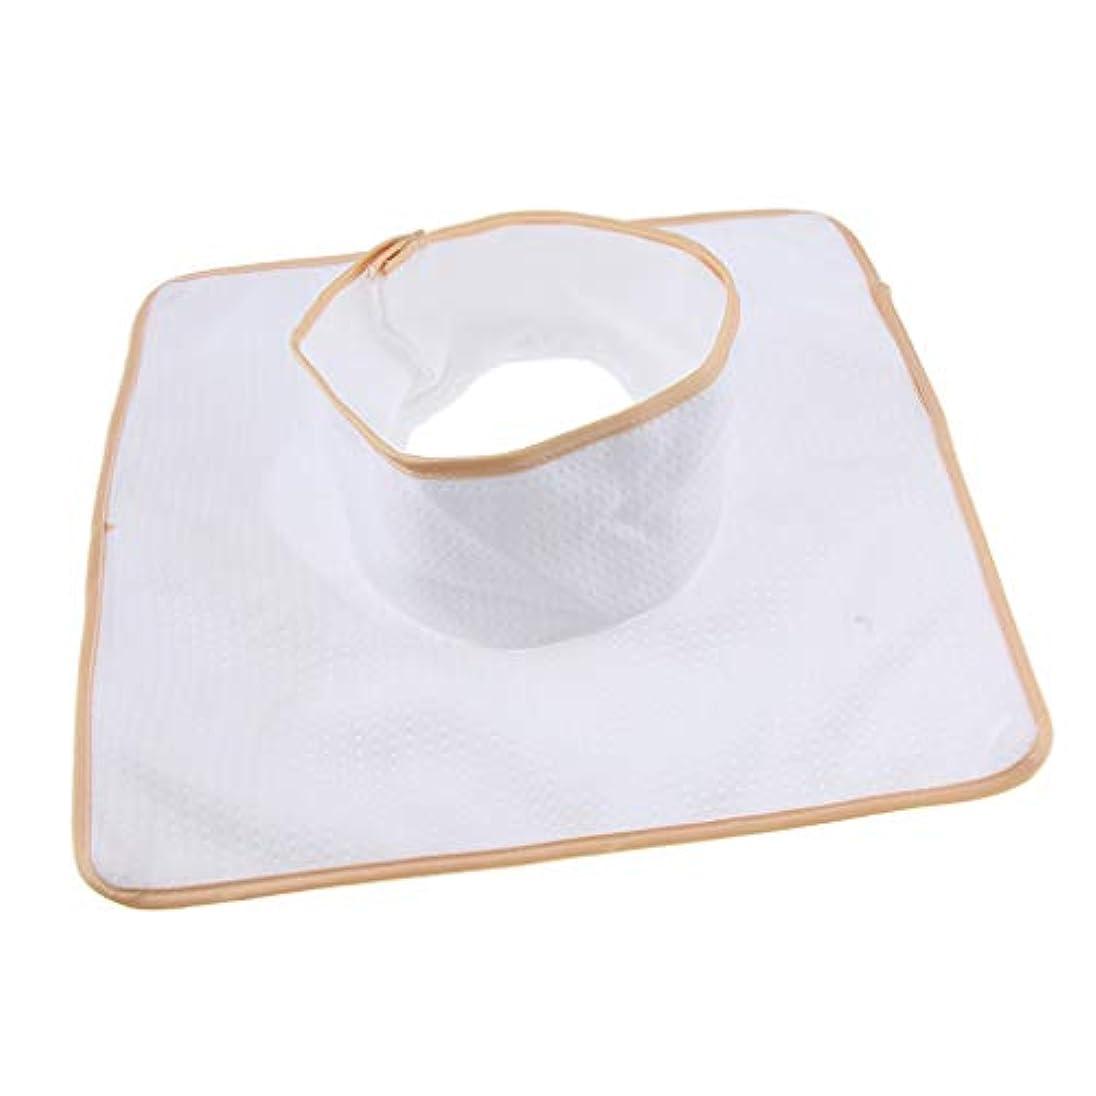 見ました債務者ハッチD DOLITY マッサージ ベッド テーブル ヘッドパッド 頭の穴付 再使用可能 約35×35cm 全3色 - 白